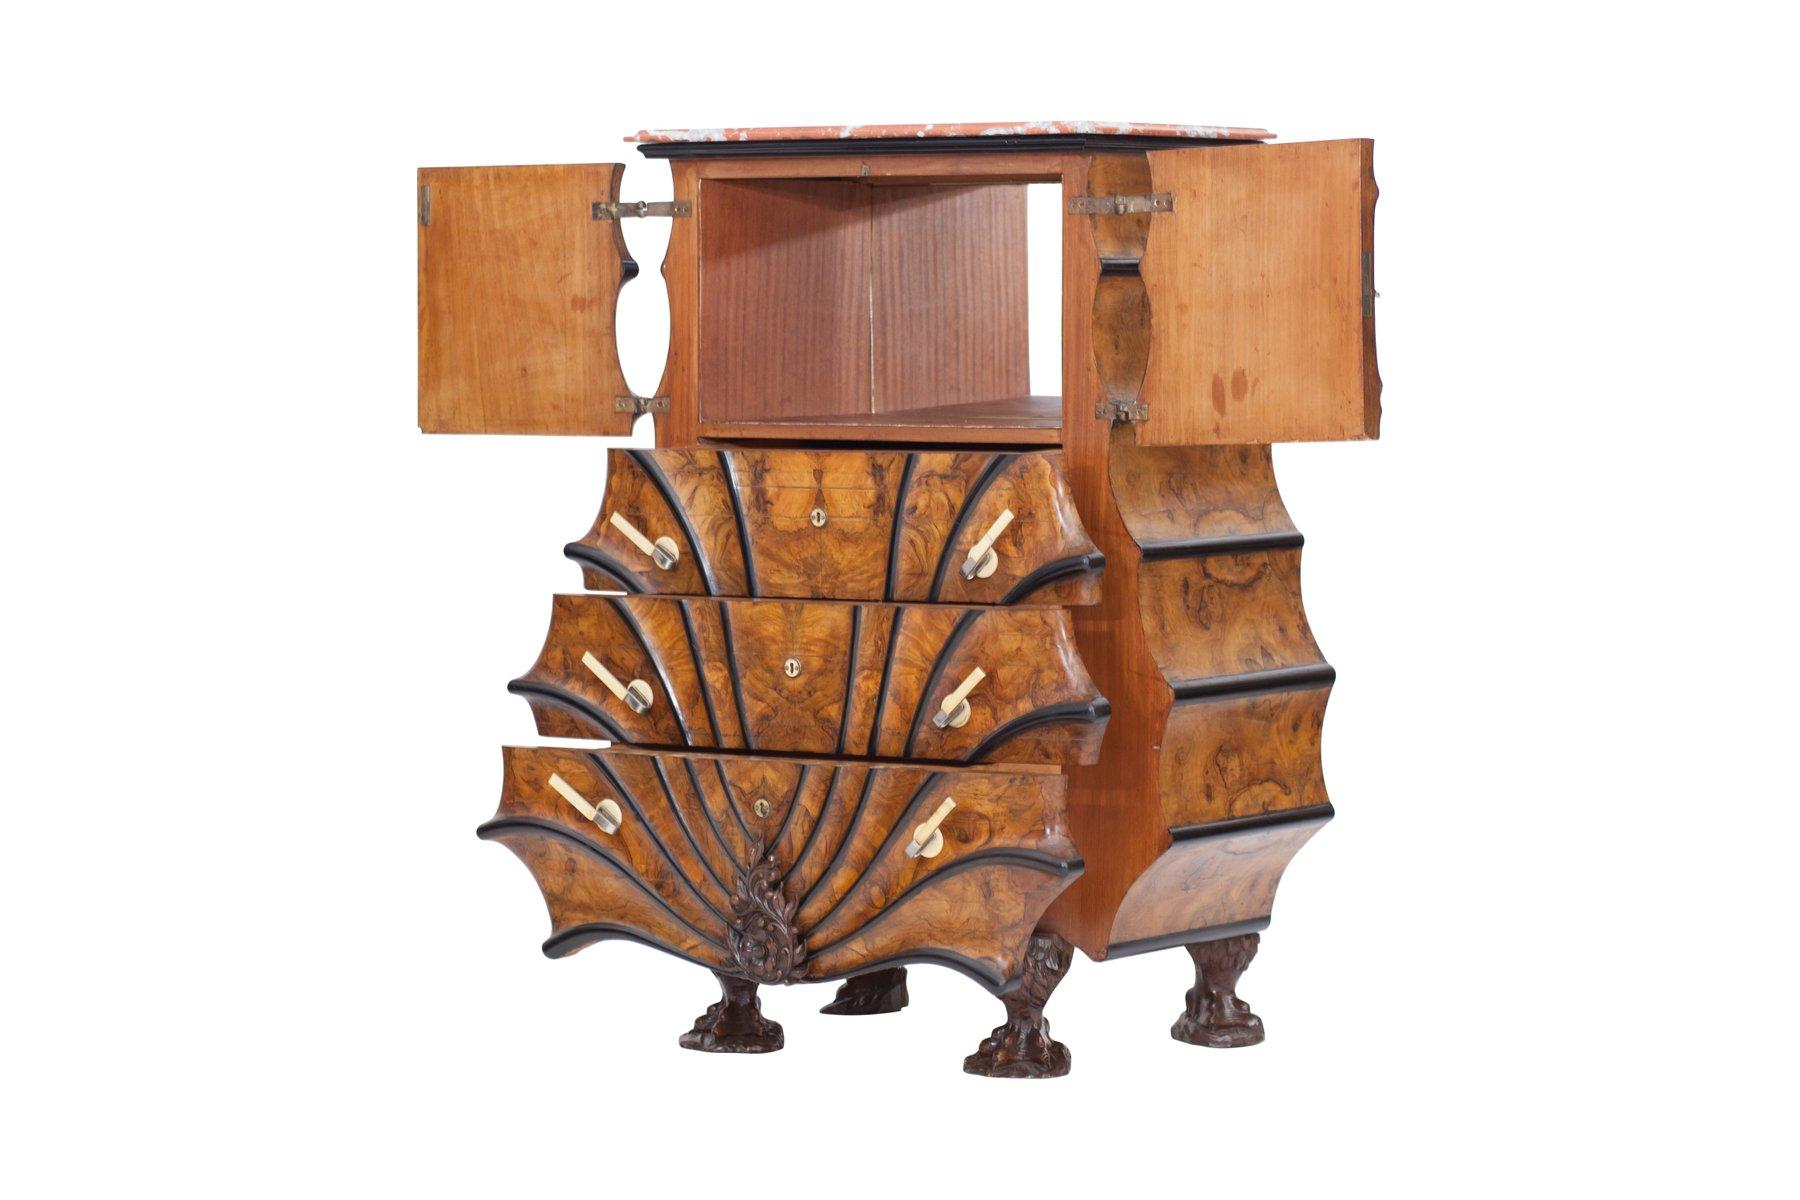 meuble vintage en noyer et bois noirci en vente sur pamono. Black Bedroom Furniture Sets. Home Design Ideas